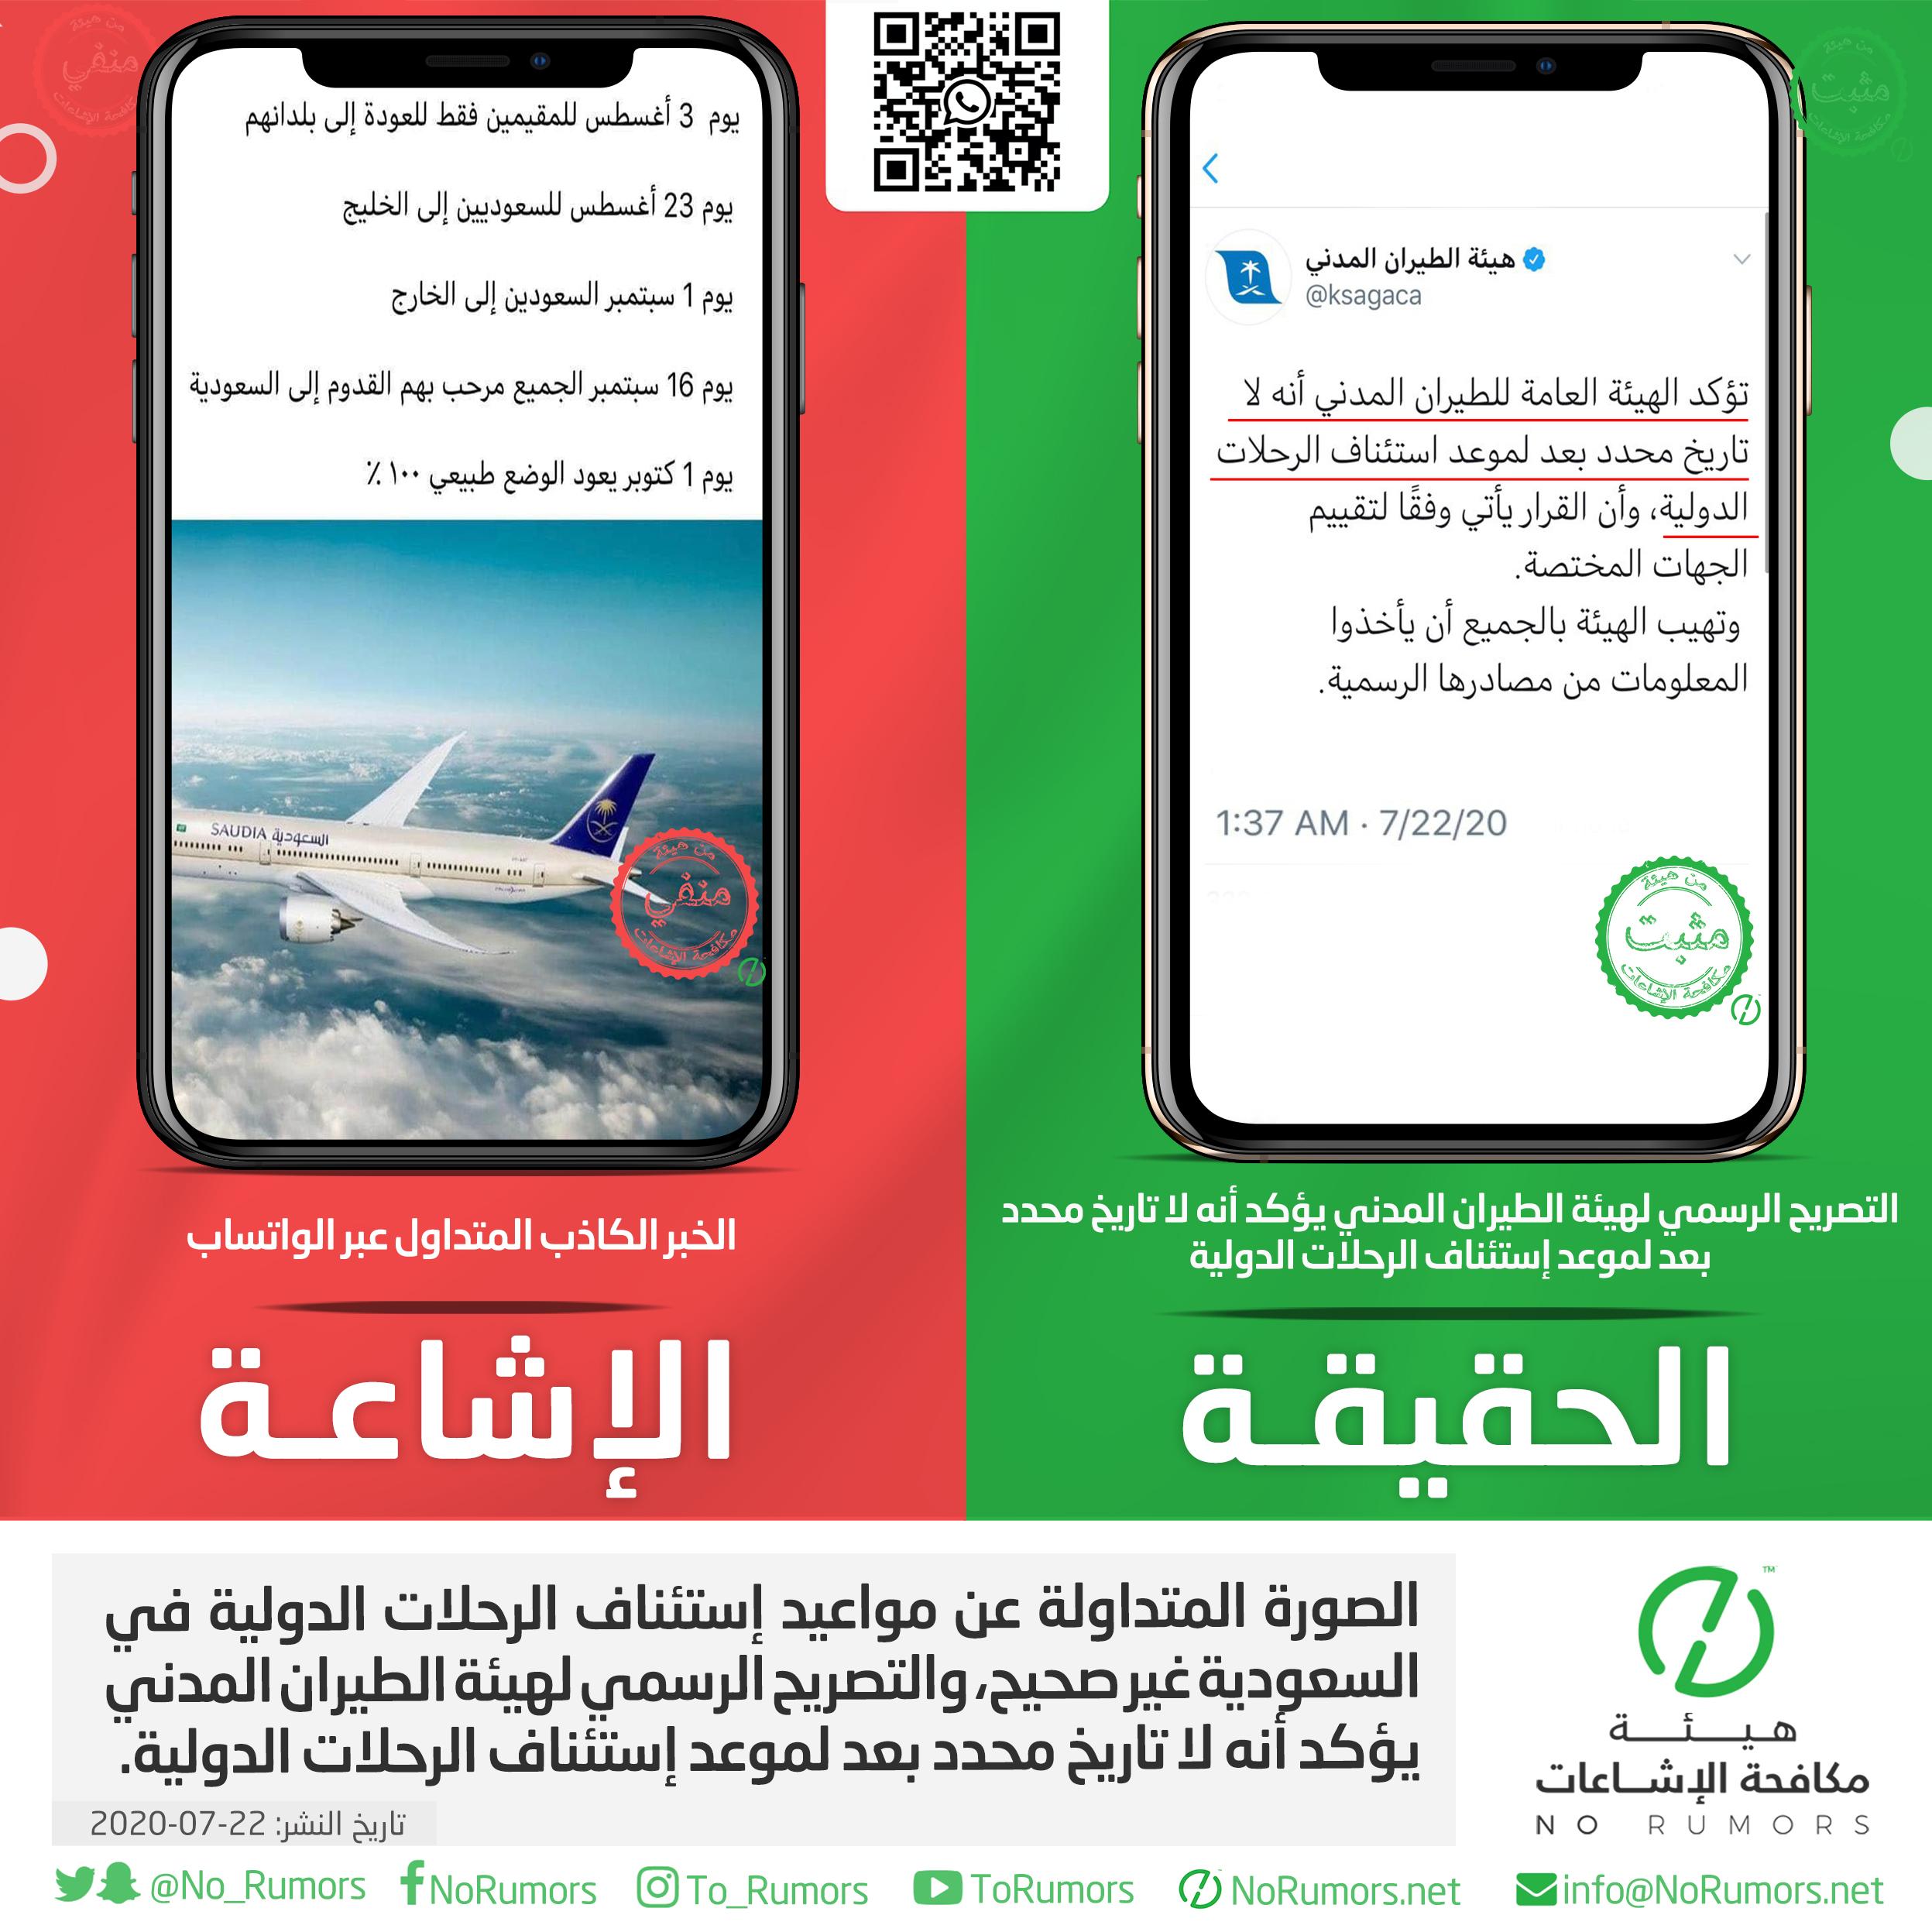 ماهي حقيقة الصورة المتداولة عن مواعيد إستئناف الرحلات الدولية في السعودية